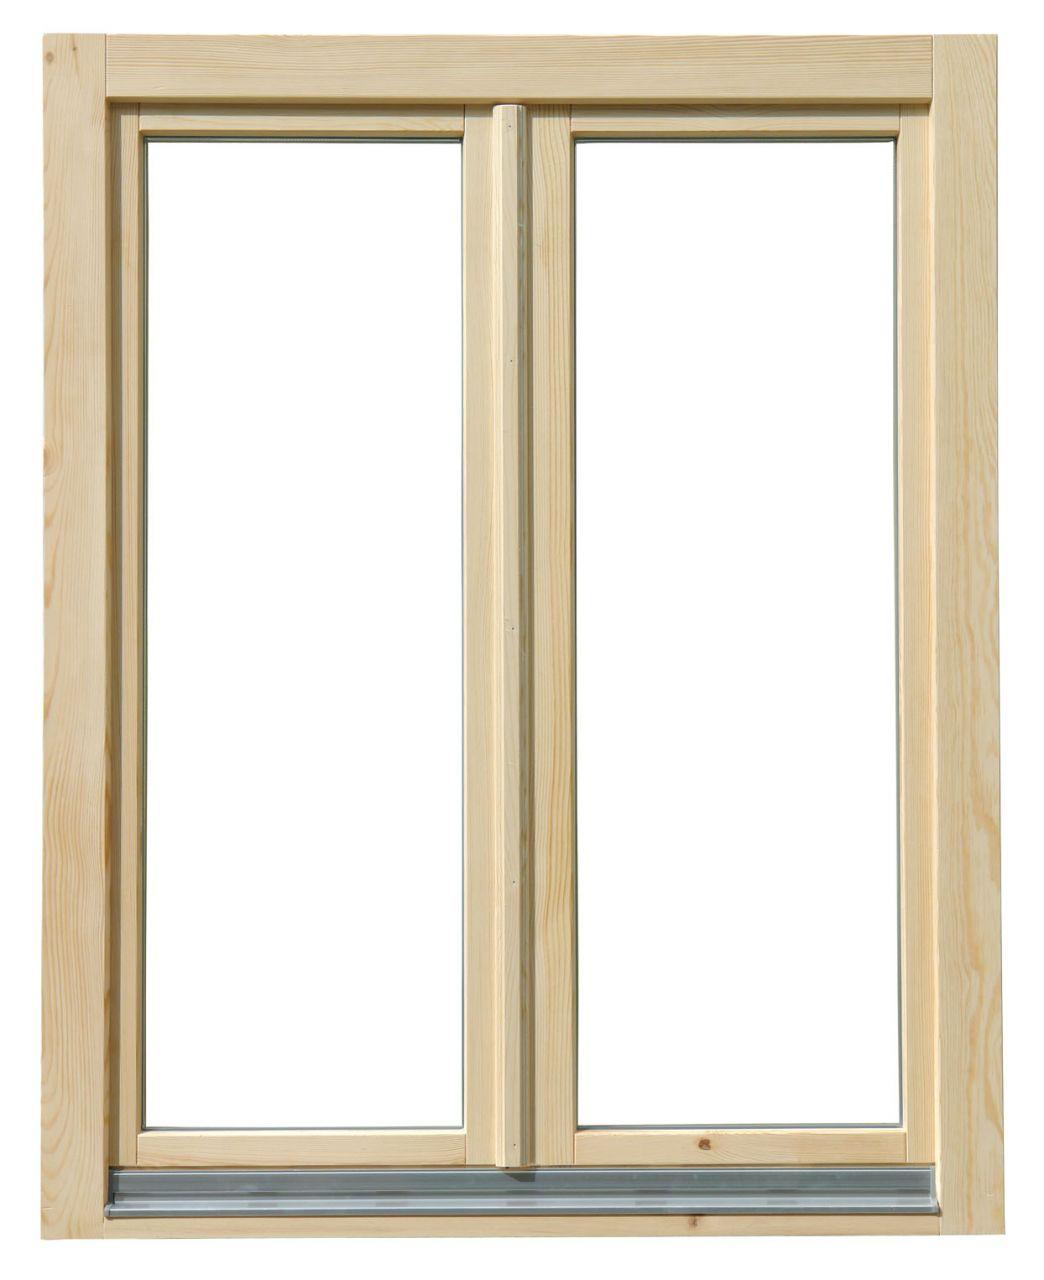 150x150 cm kétszárnyú középen nyíló-nyíló lazúr festett borovi fenyő ablak